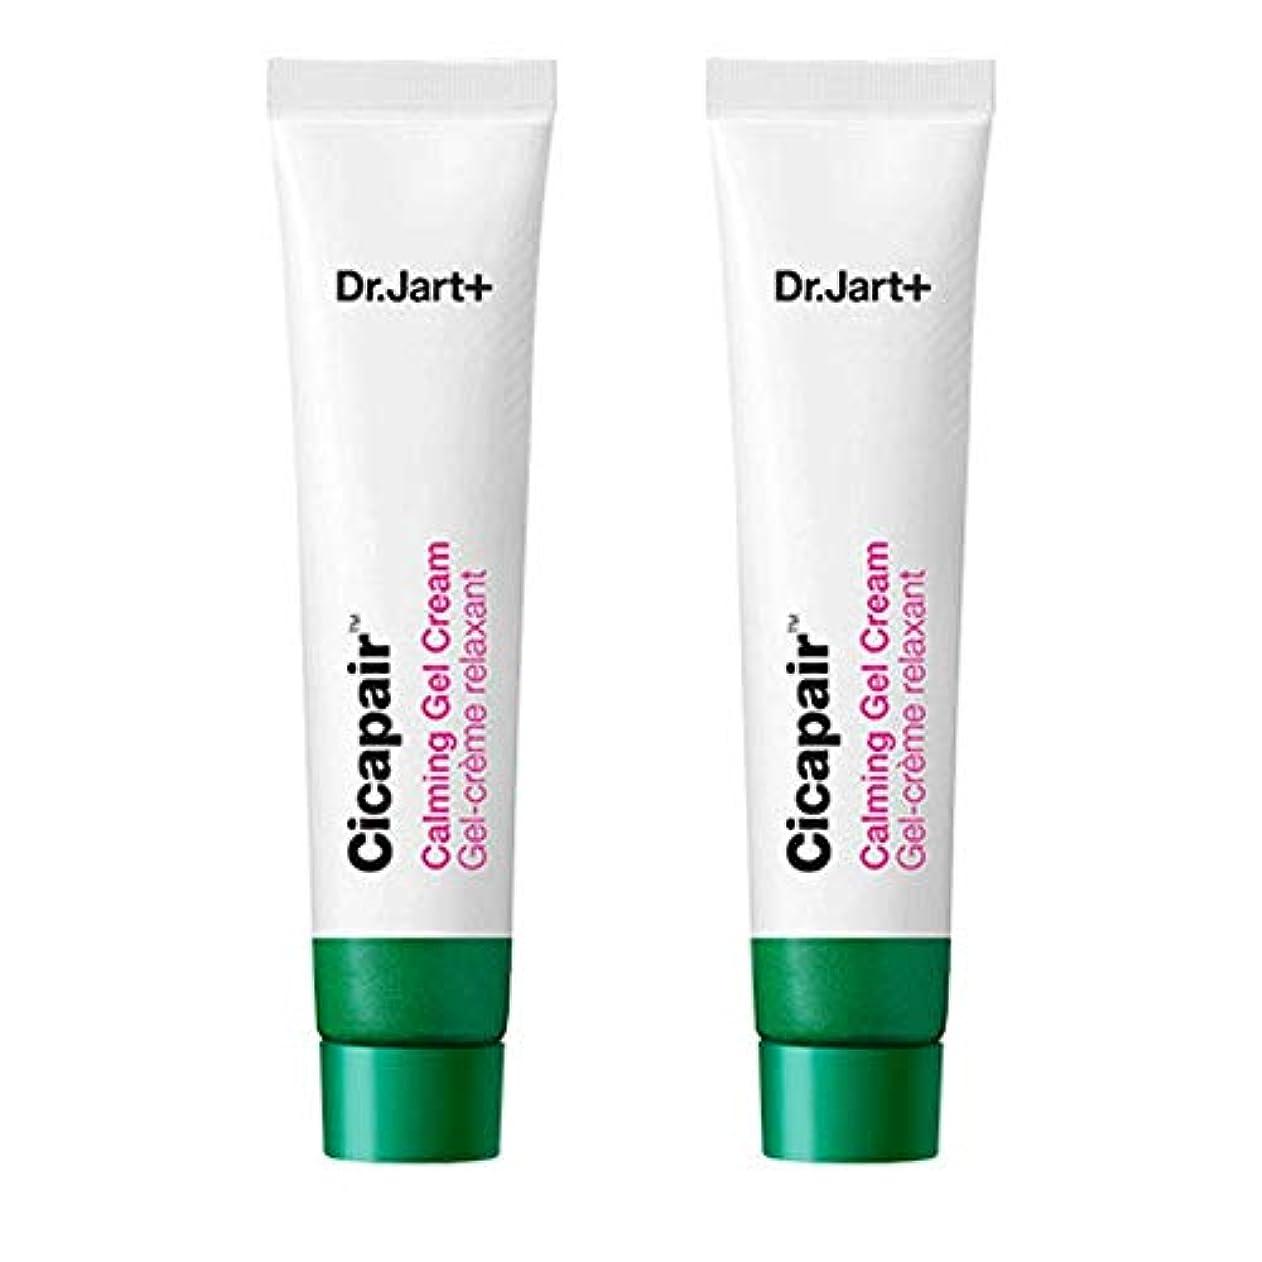 森雄大な理解Dr.Jart+ Calming Gel Cream 15ml x 2ドクタージャルト シカペアー カーミング ジェル クリーム 15ml x 2 2代目 [並行輸入品]